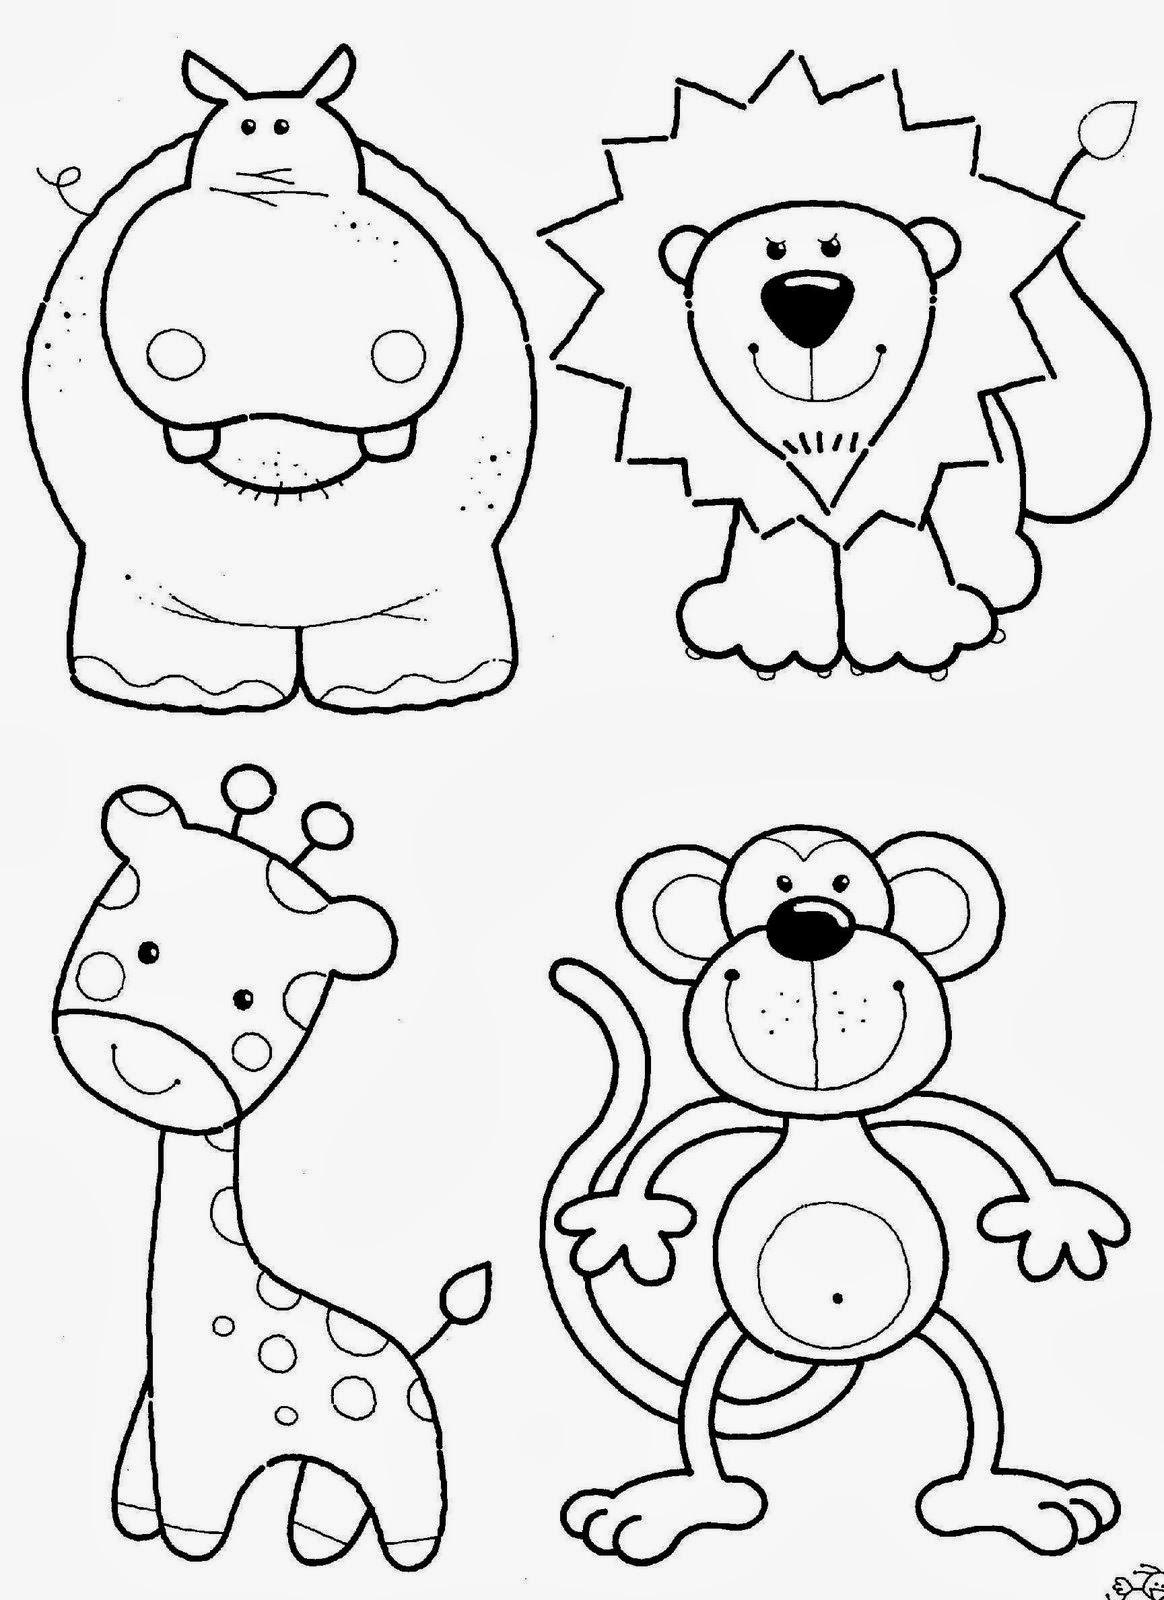 Desenhos de Animais selvagens para Colorir Colorir  - imagens de animais para colorir online